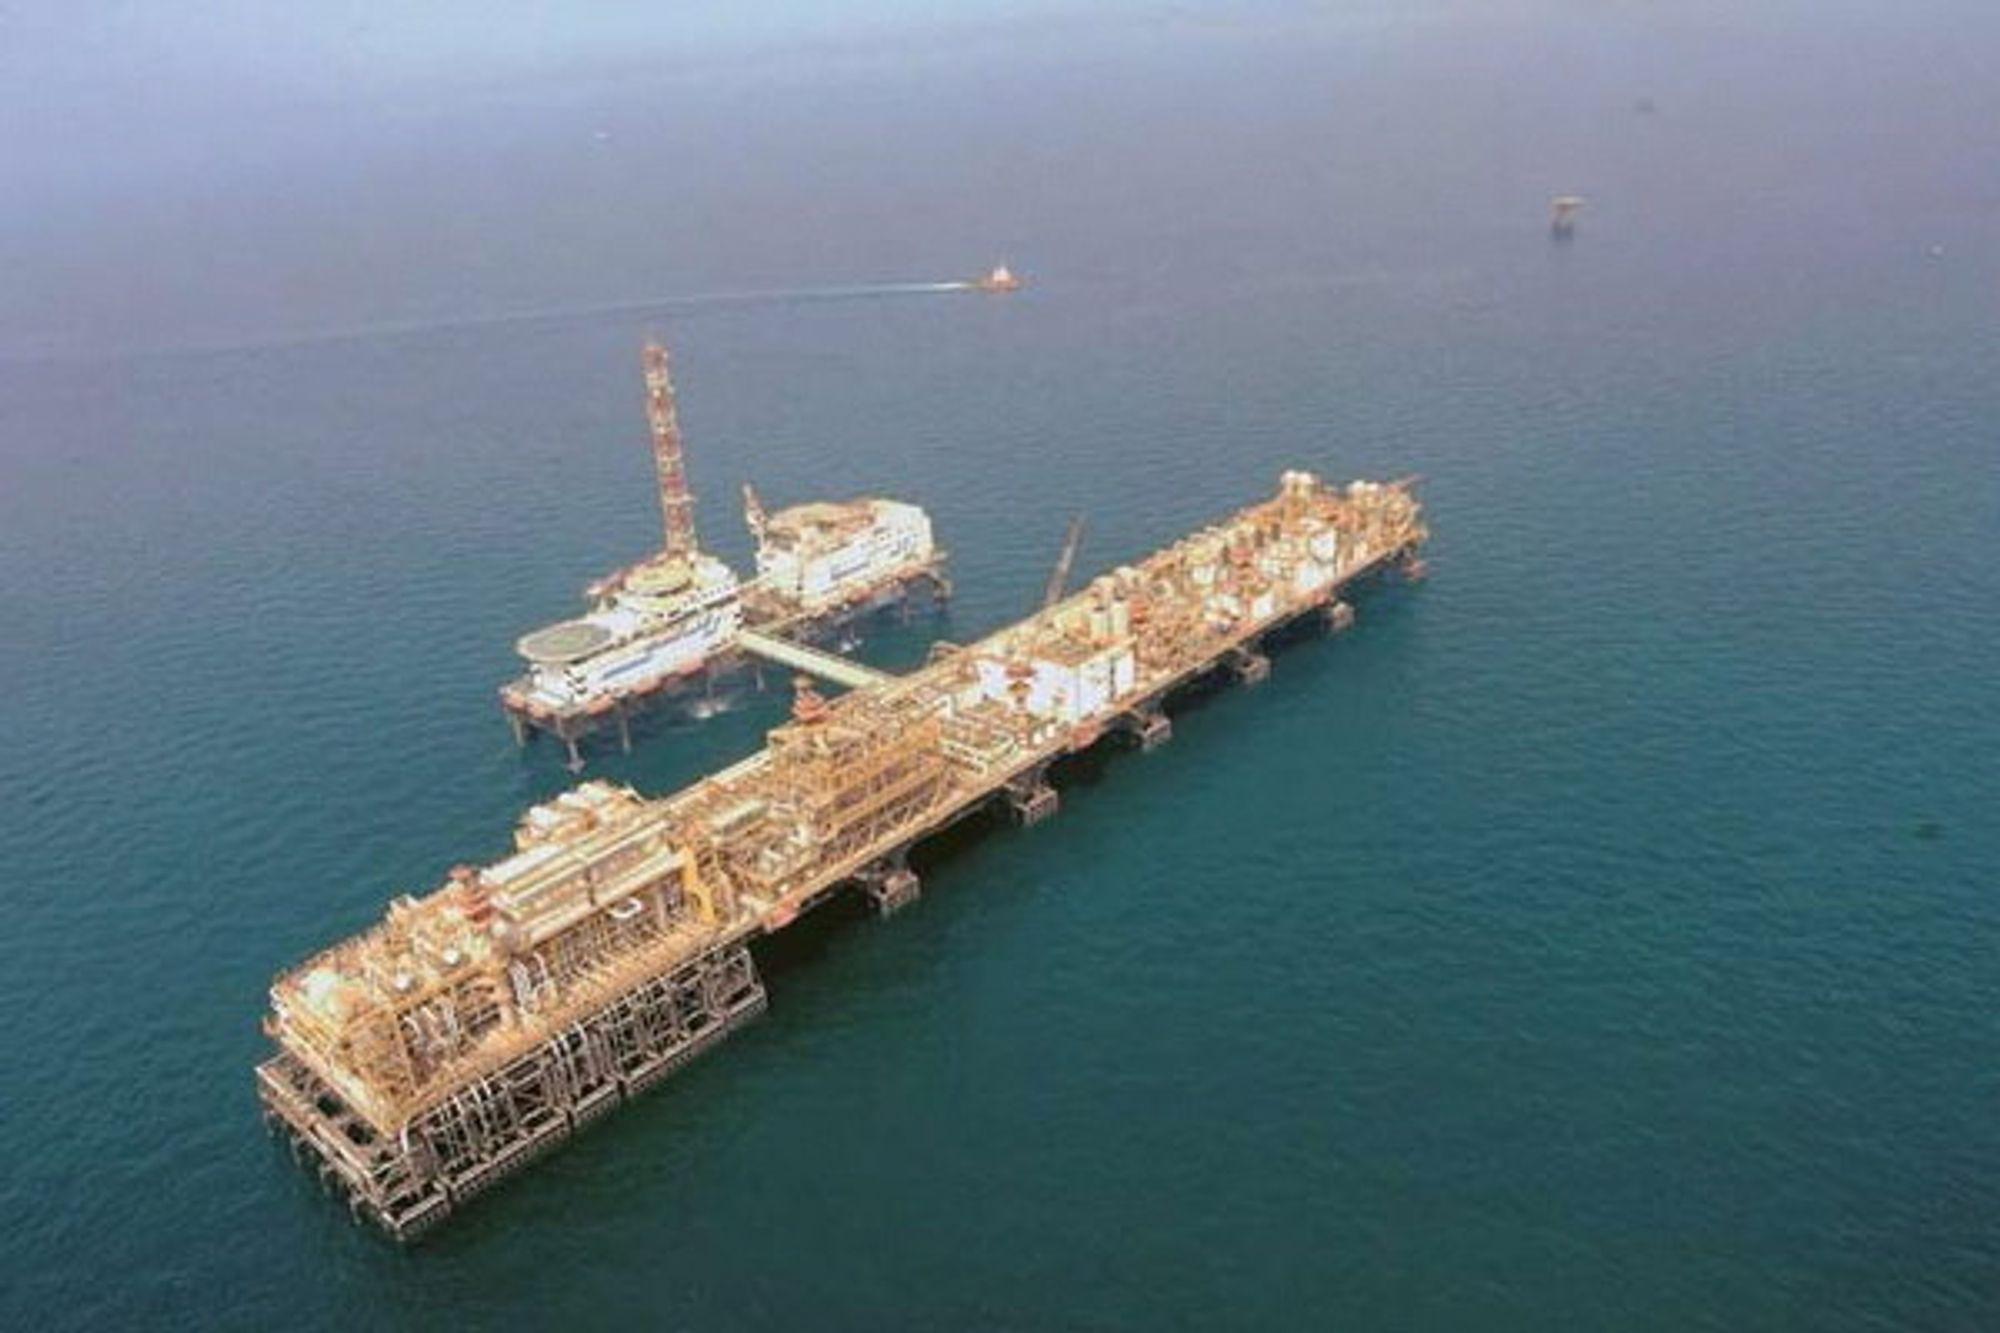 STORT: Upper Zakum i De forente arabiske emirater er verdens nest største offshore oljefelt med sine 21 milliarder utvinnbare fat olje.